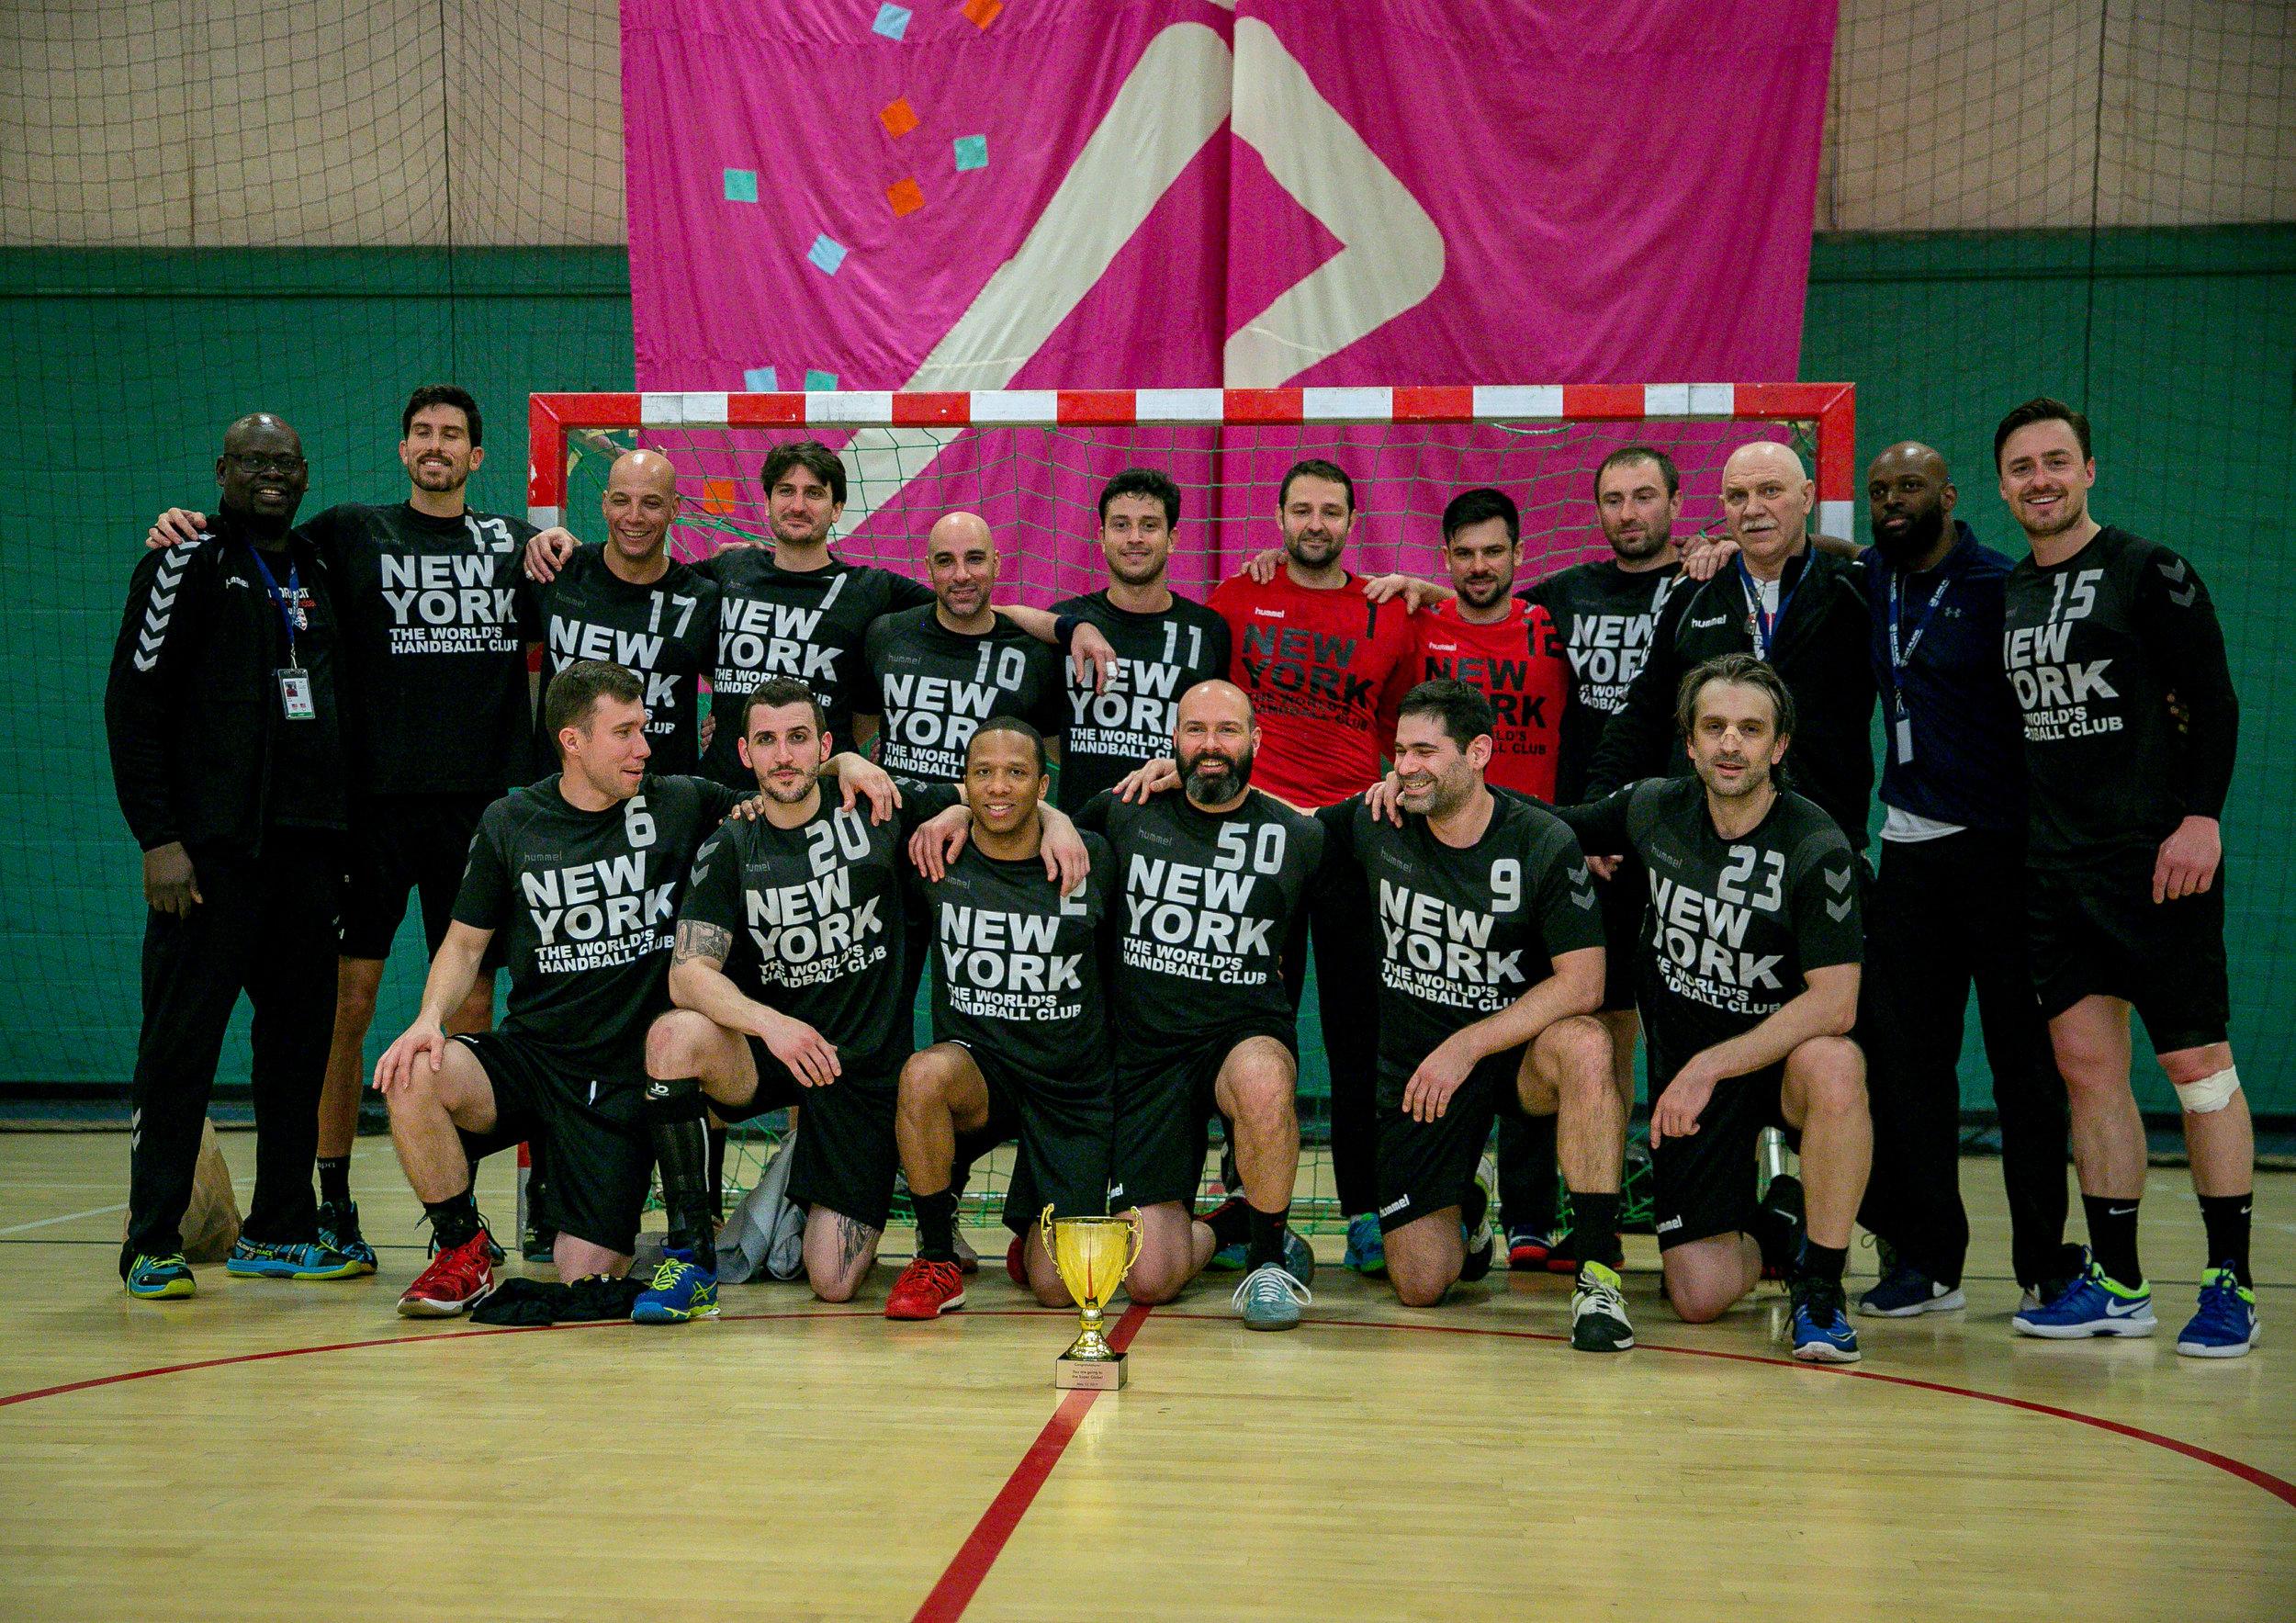 Handball Day 3 (16 of 19).jpg